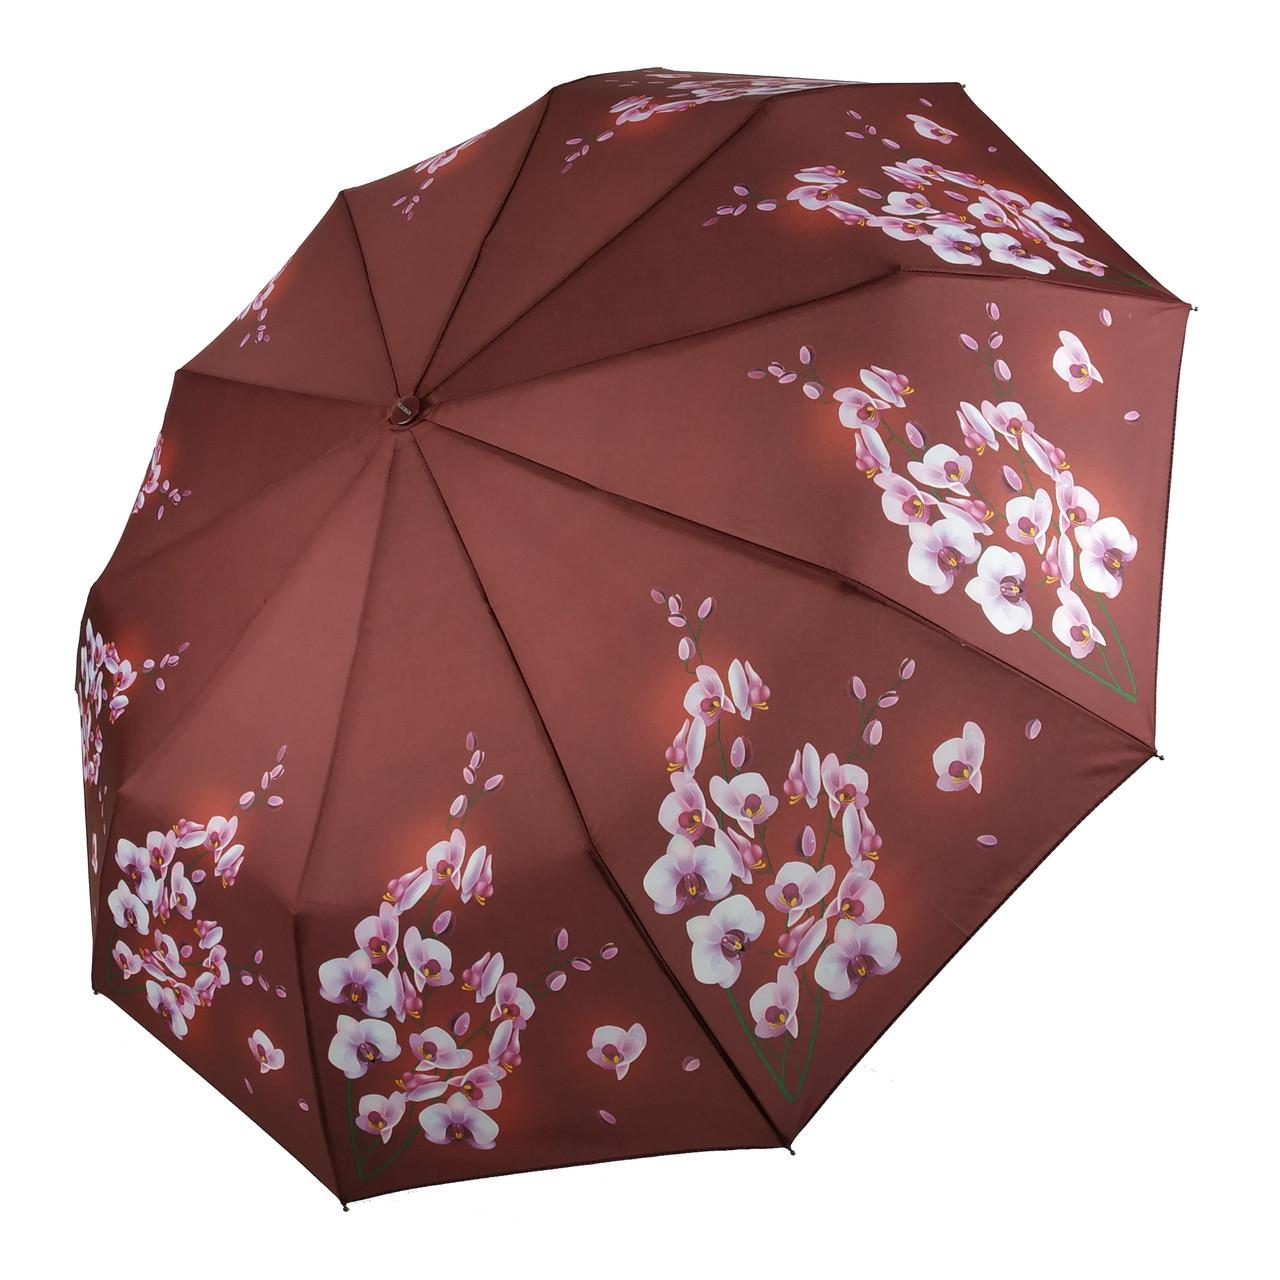 Автоматический зонтик Flagman Lava Коричнево-шоколадный (734-2)